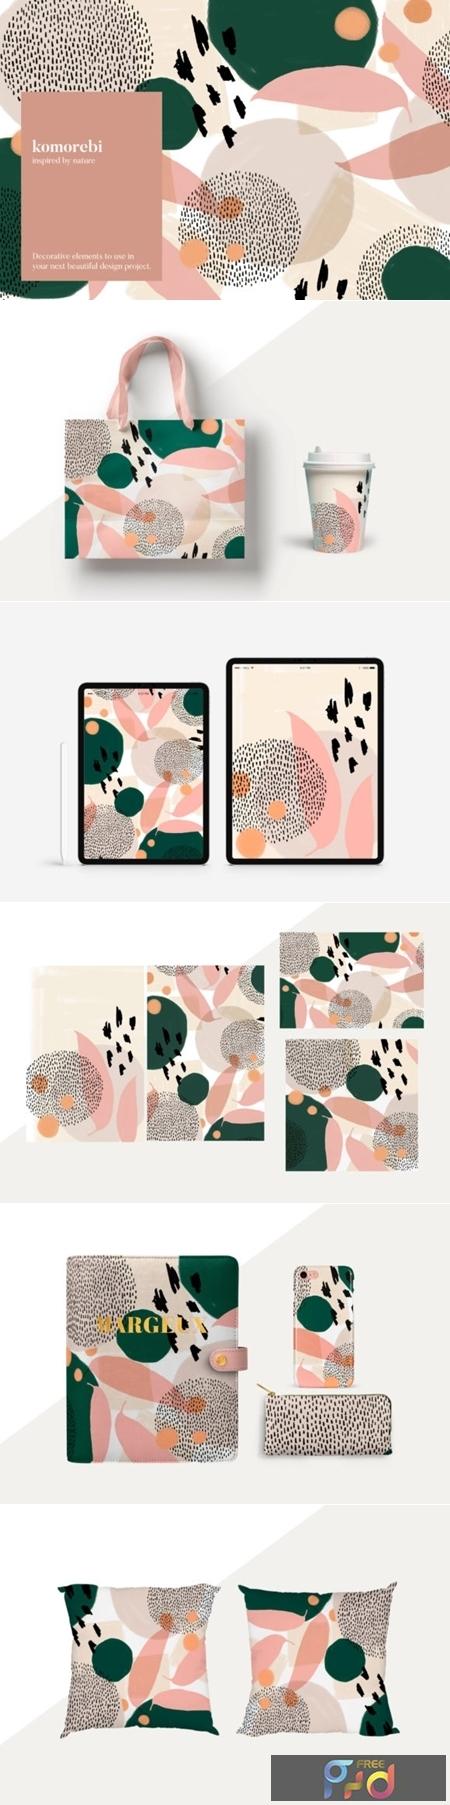 Komorebi Organic Patterns Set 1505844 1